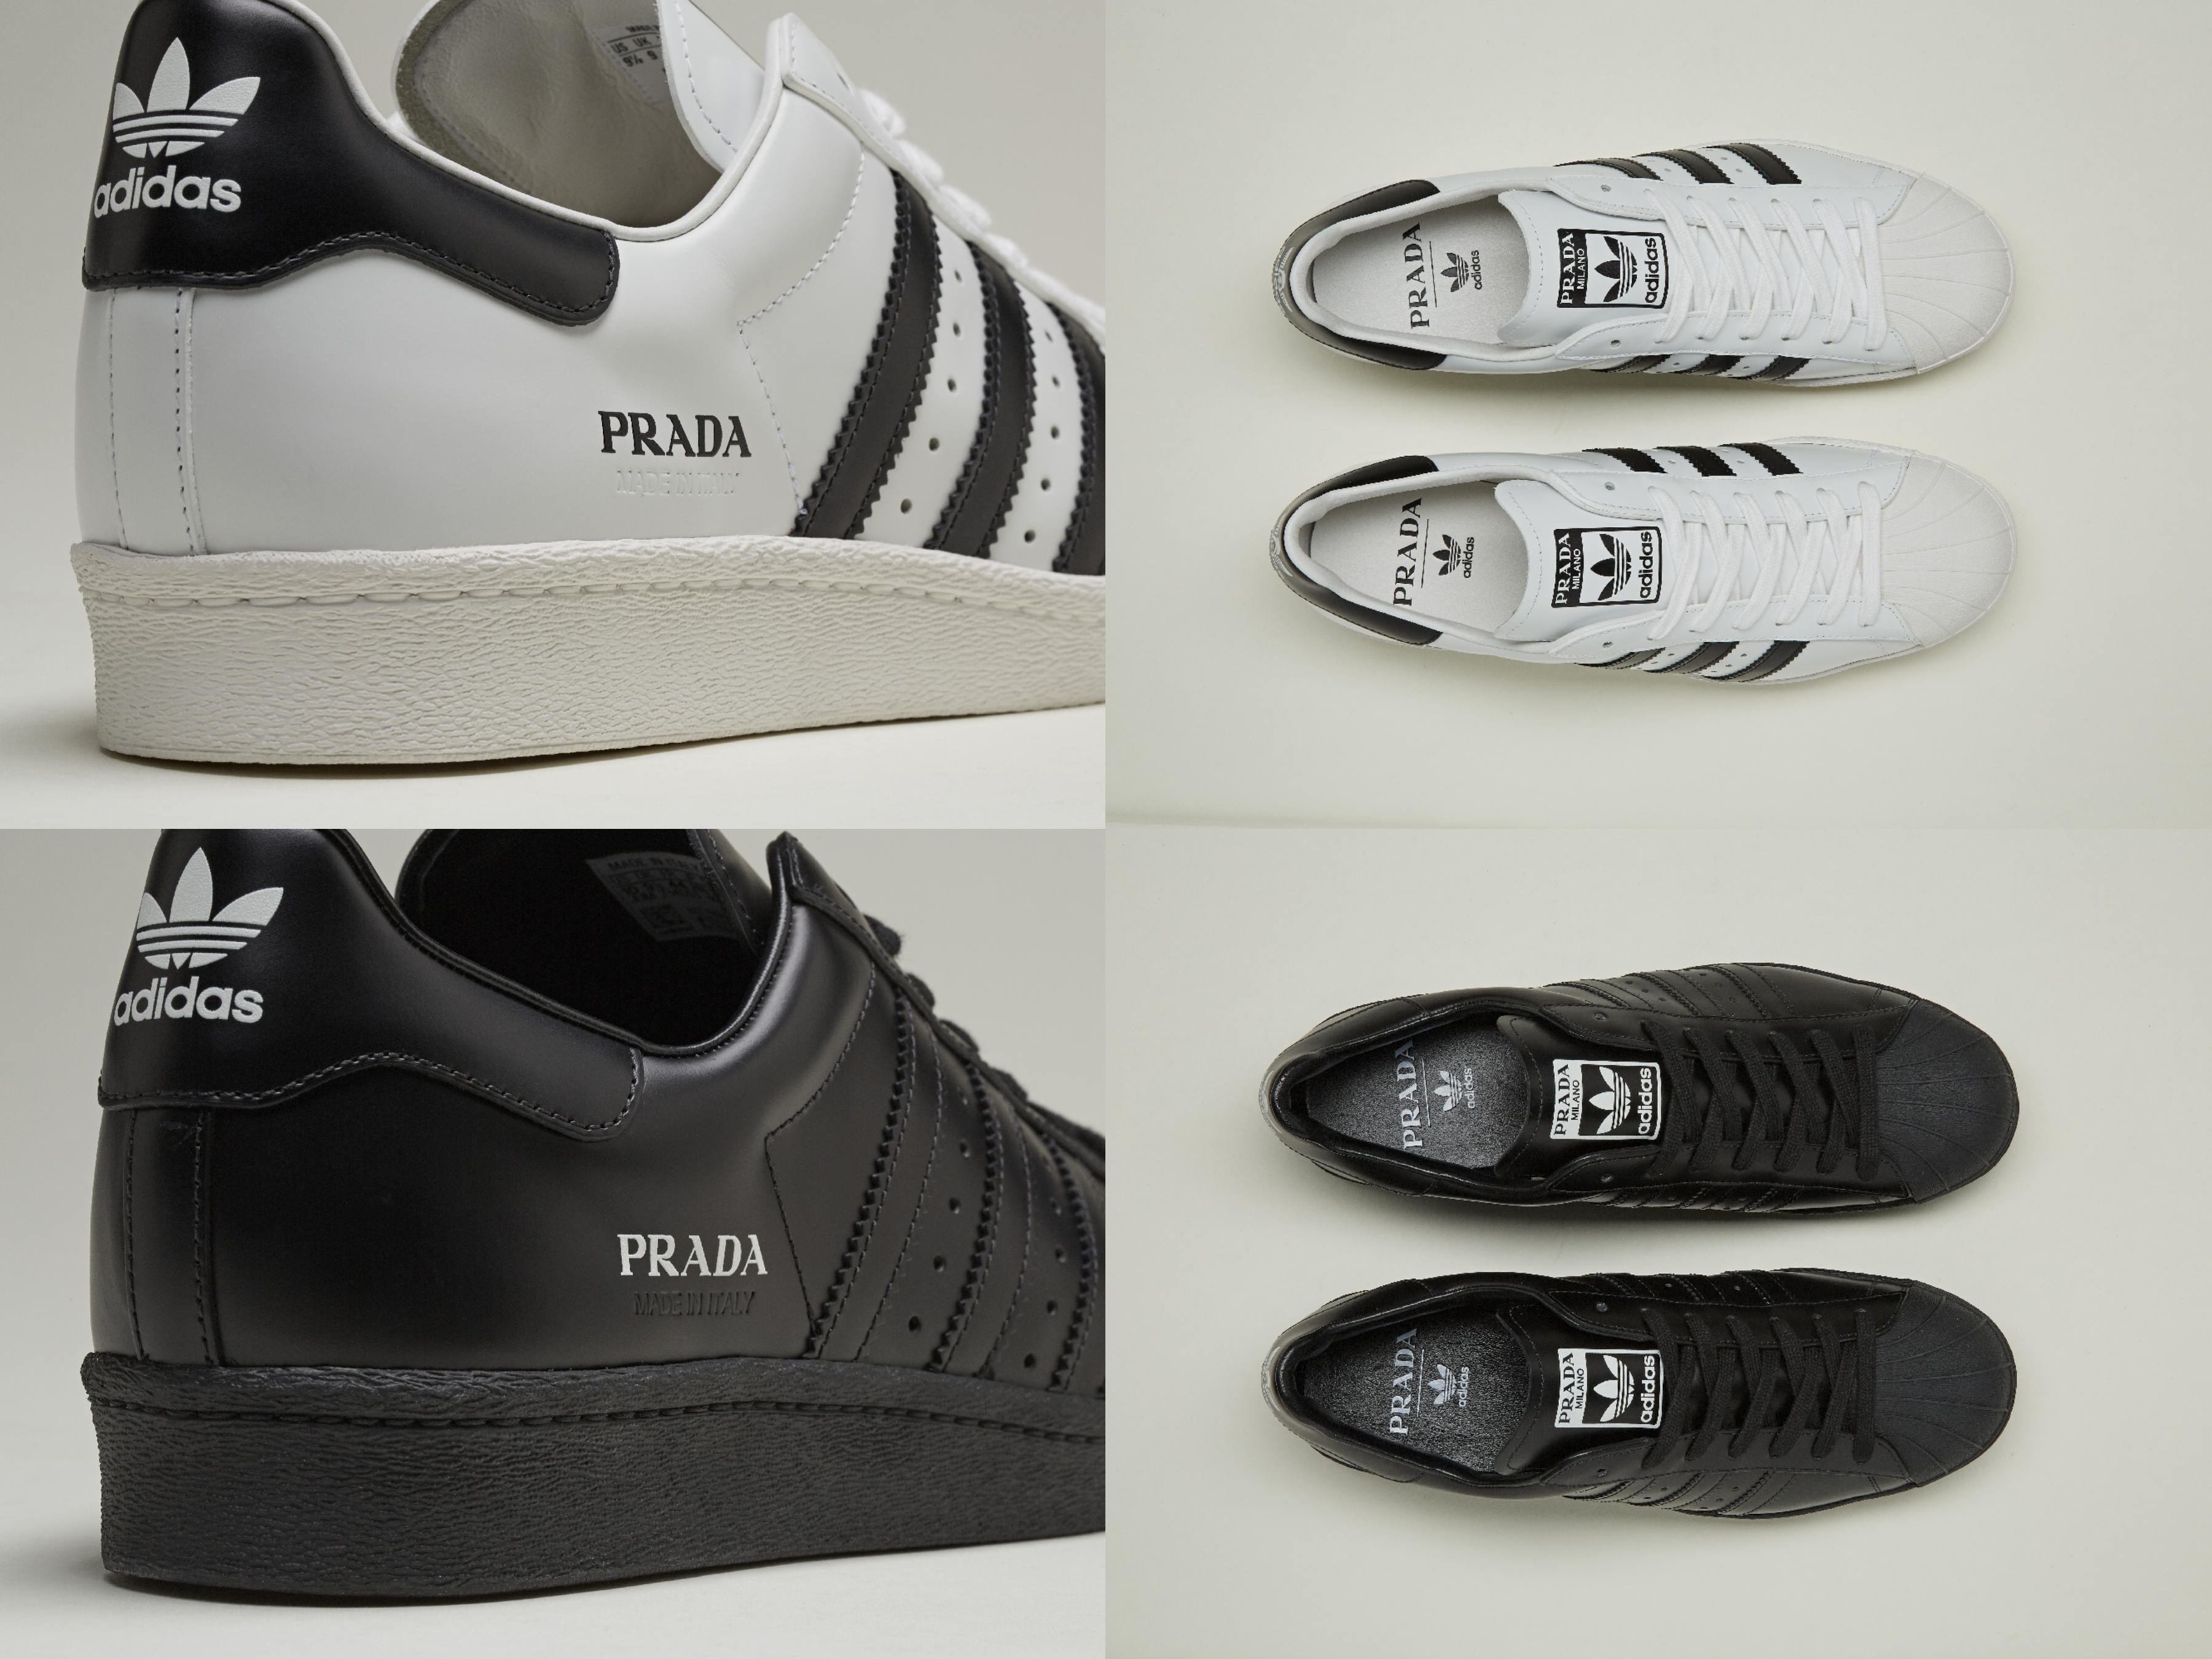 以全霧面磨砂質感的皮革設計,將其流線型鞋身、現代感DNA以及中性風格嶄露